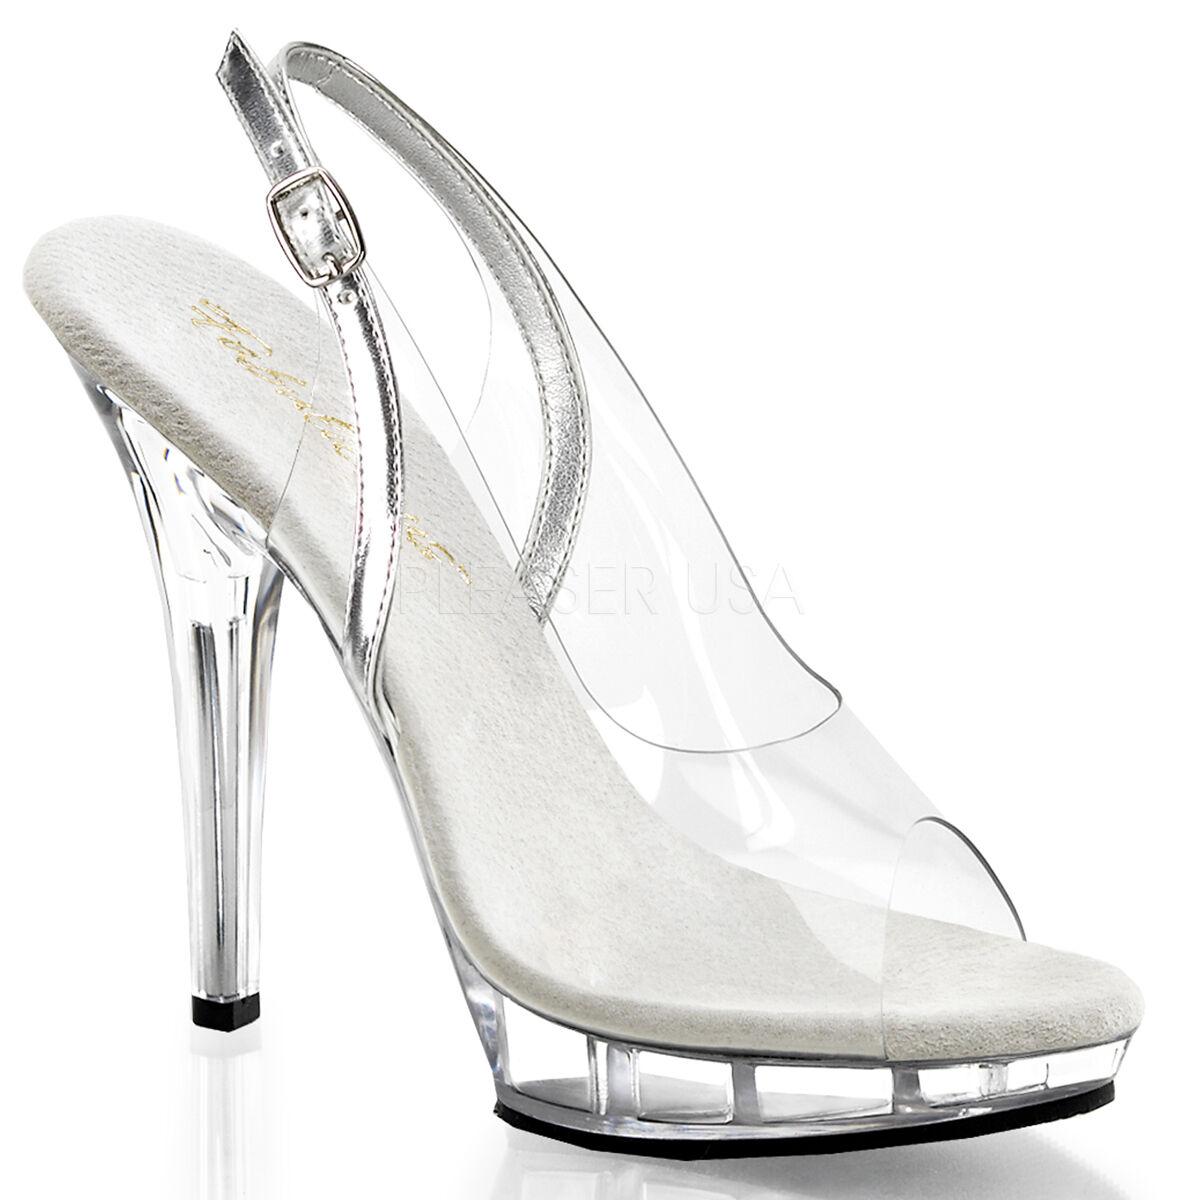 PLEASER Sexy Strip-teaseuse Danseuse Plateforme Talon Haut Bride Arrière Bout Ouvert chaussures Pointure